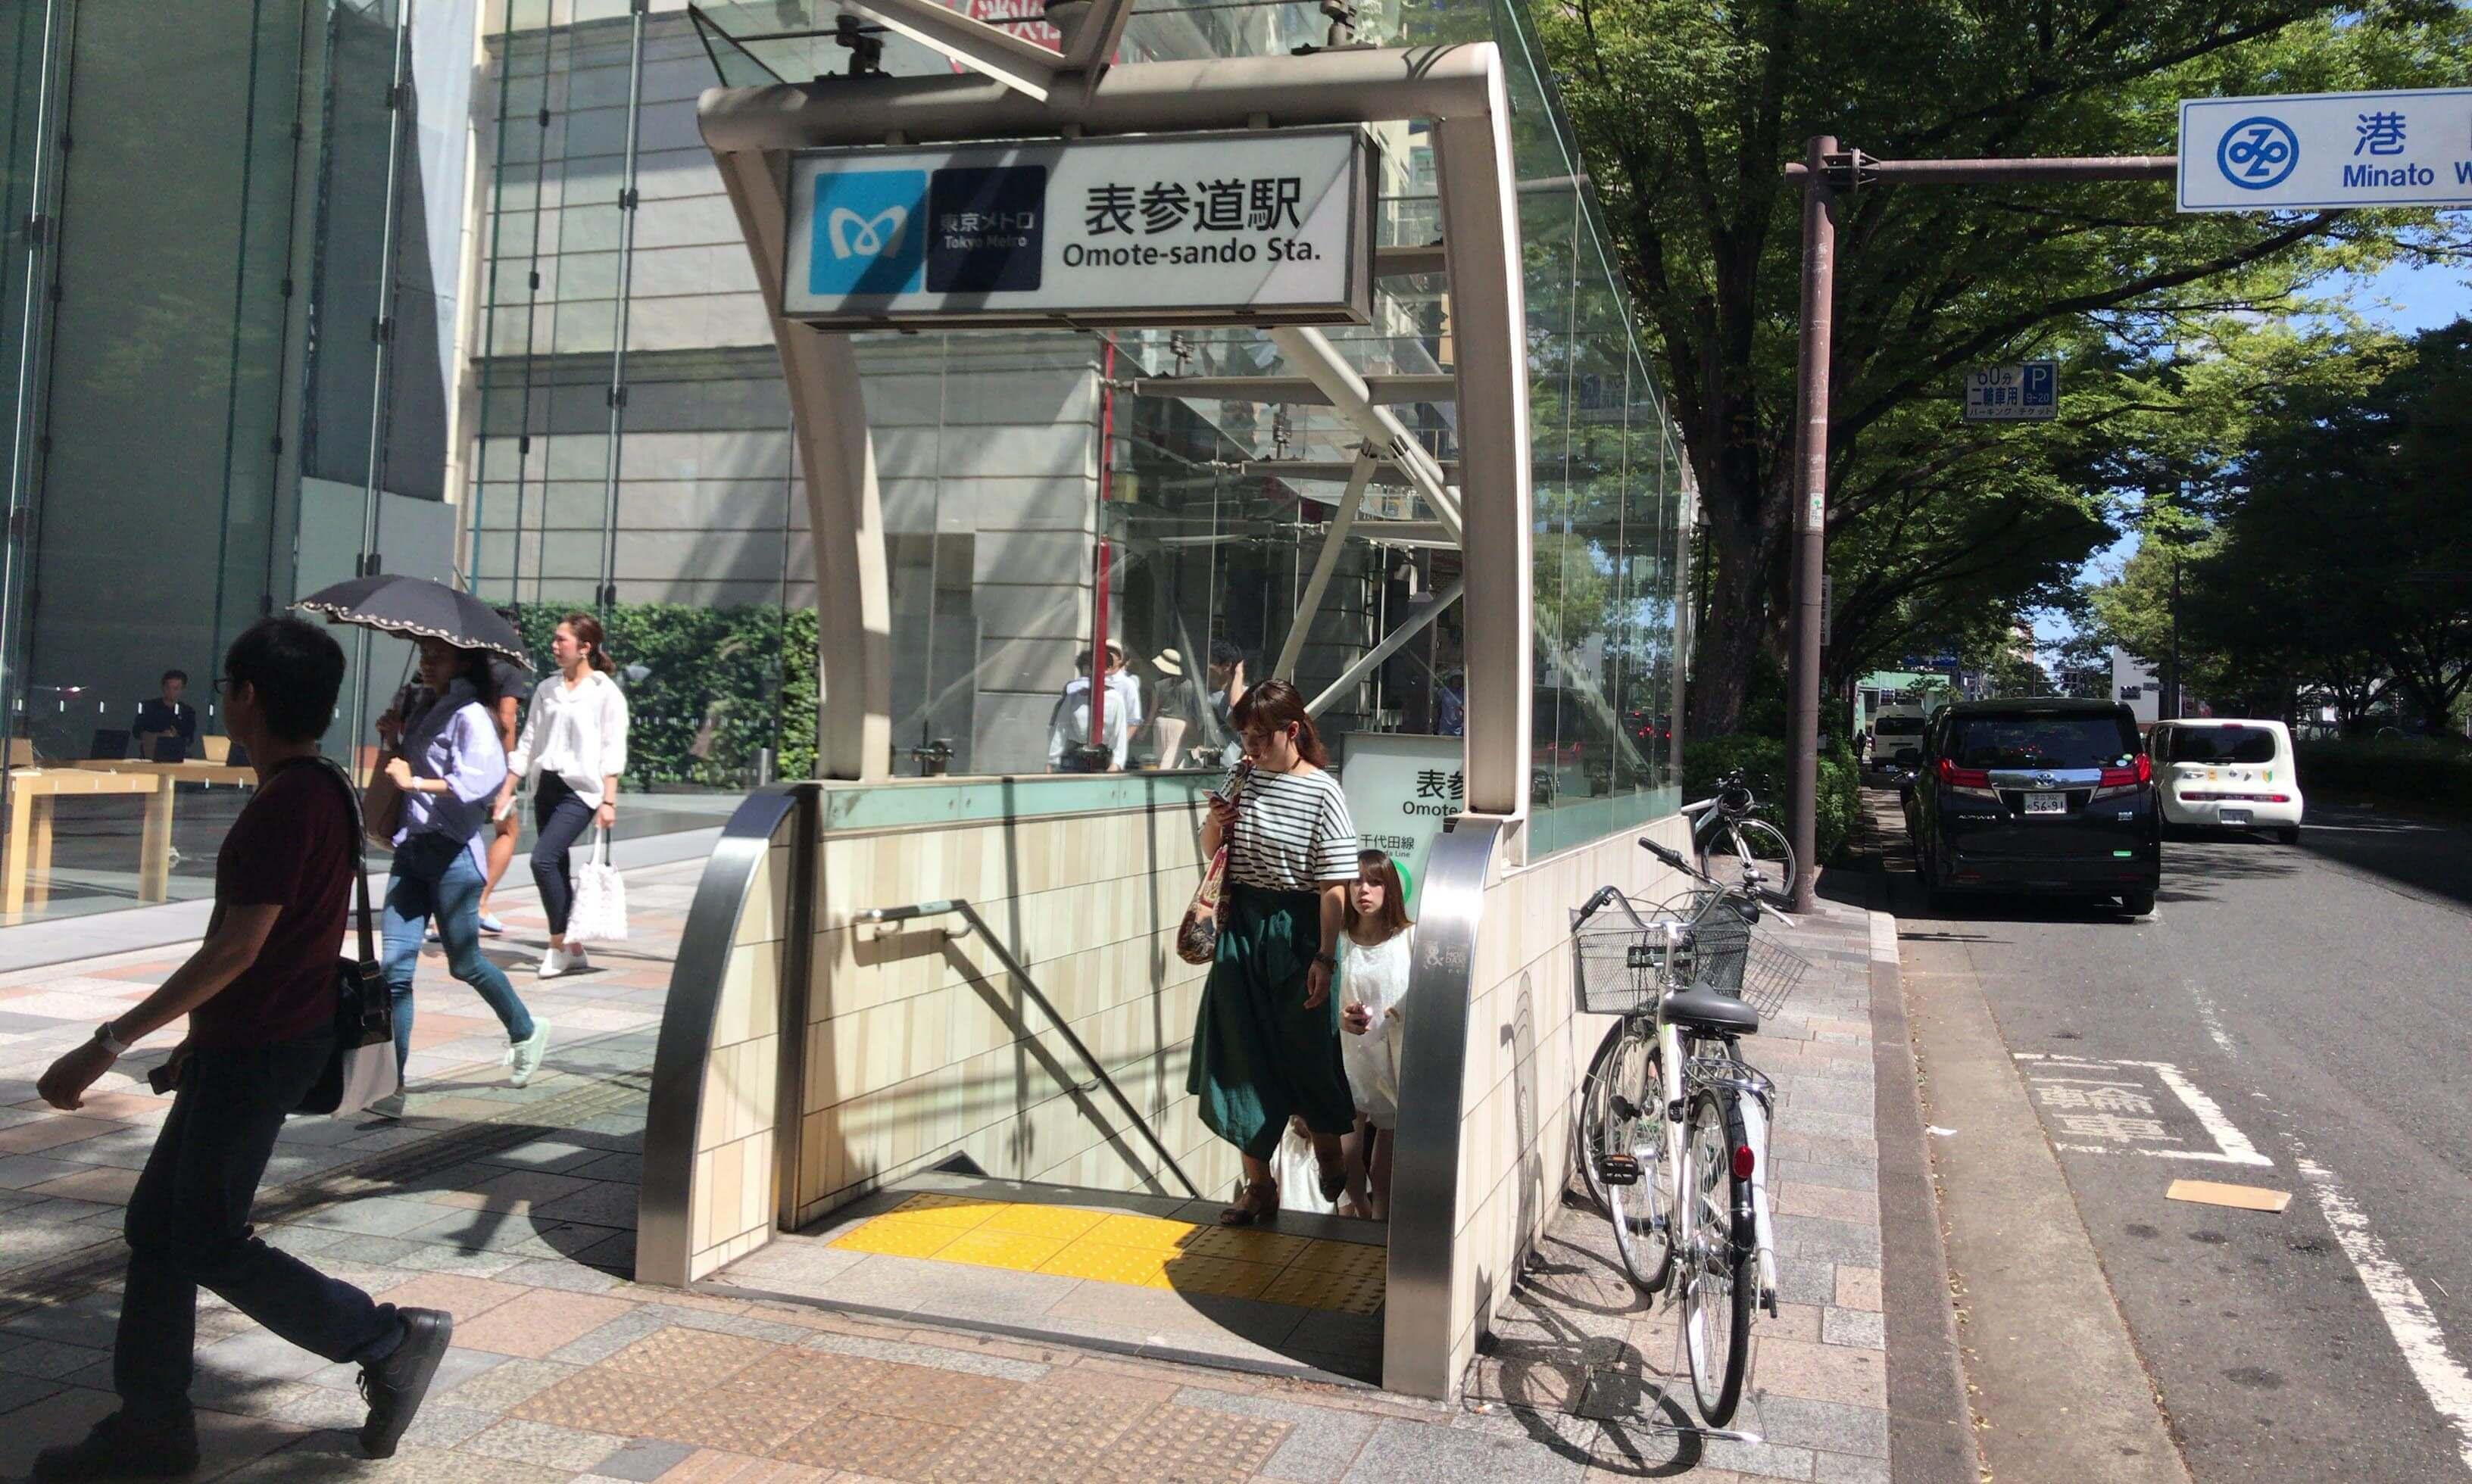 地下鉄「表参道」駅A-2出口から徒歩3分程度で到着します